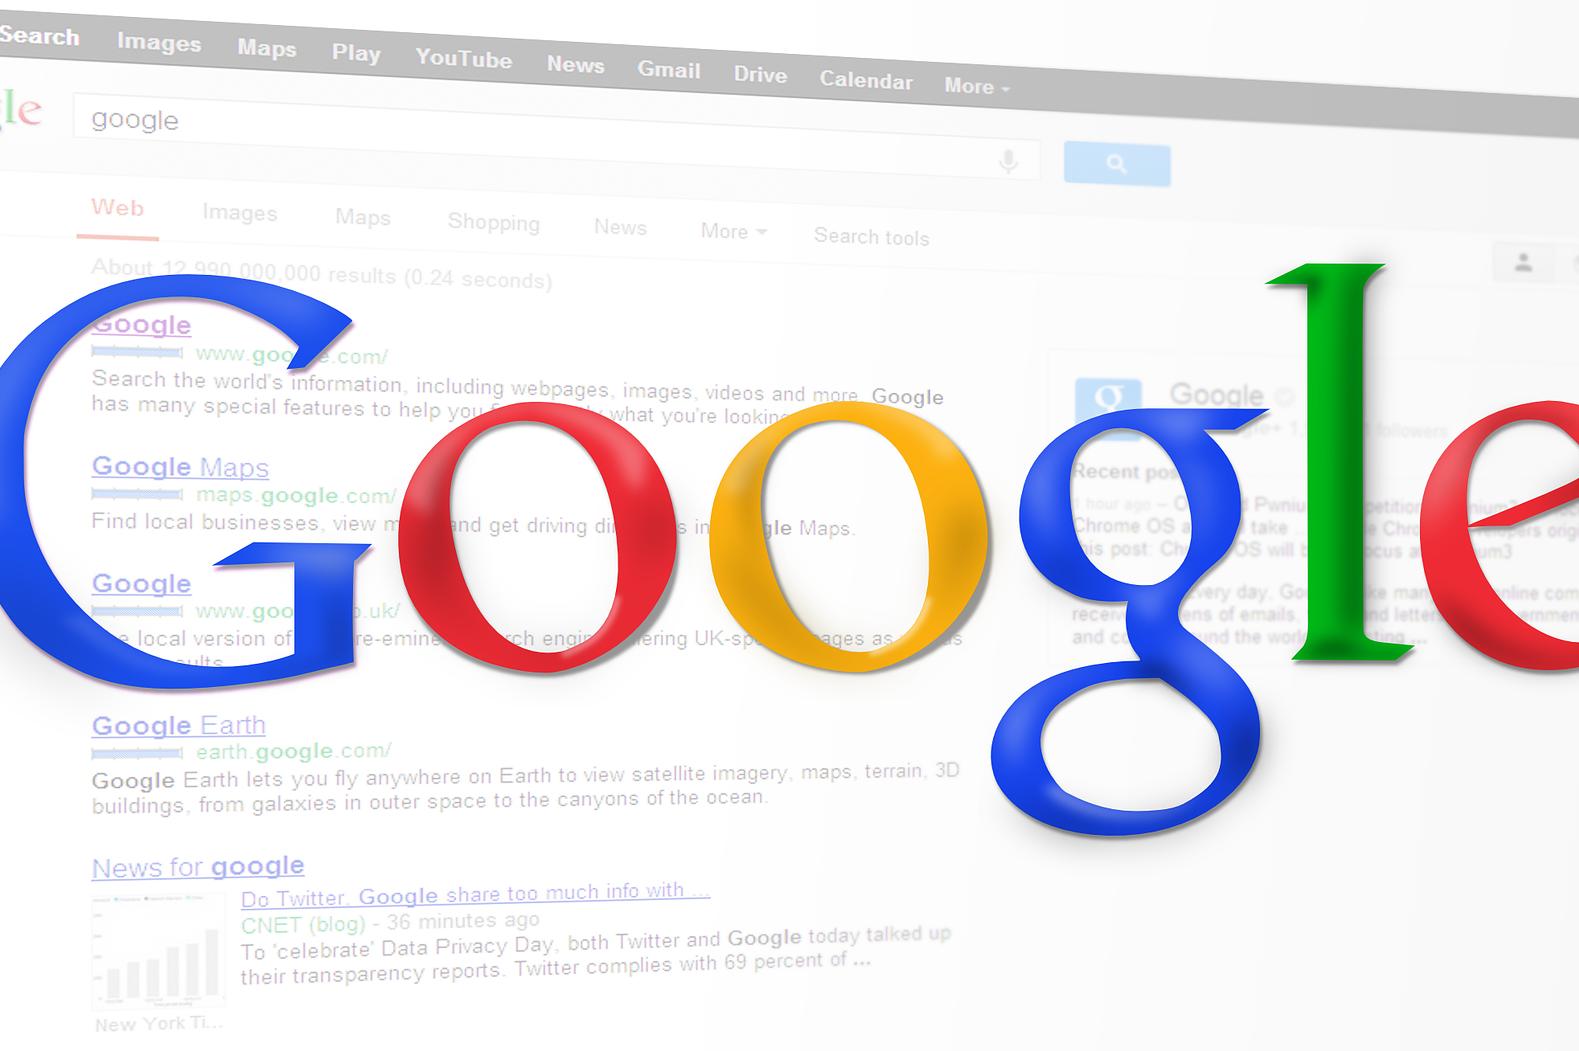 Google新闻将允许免费访问新闻网站上的付费专栏文章